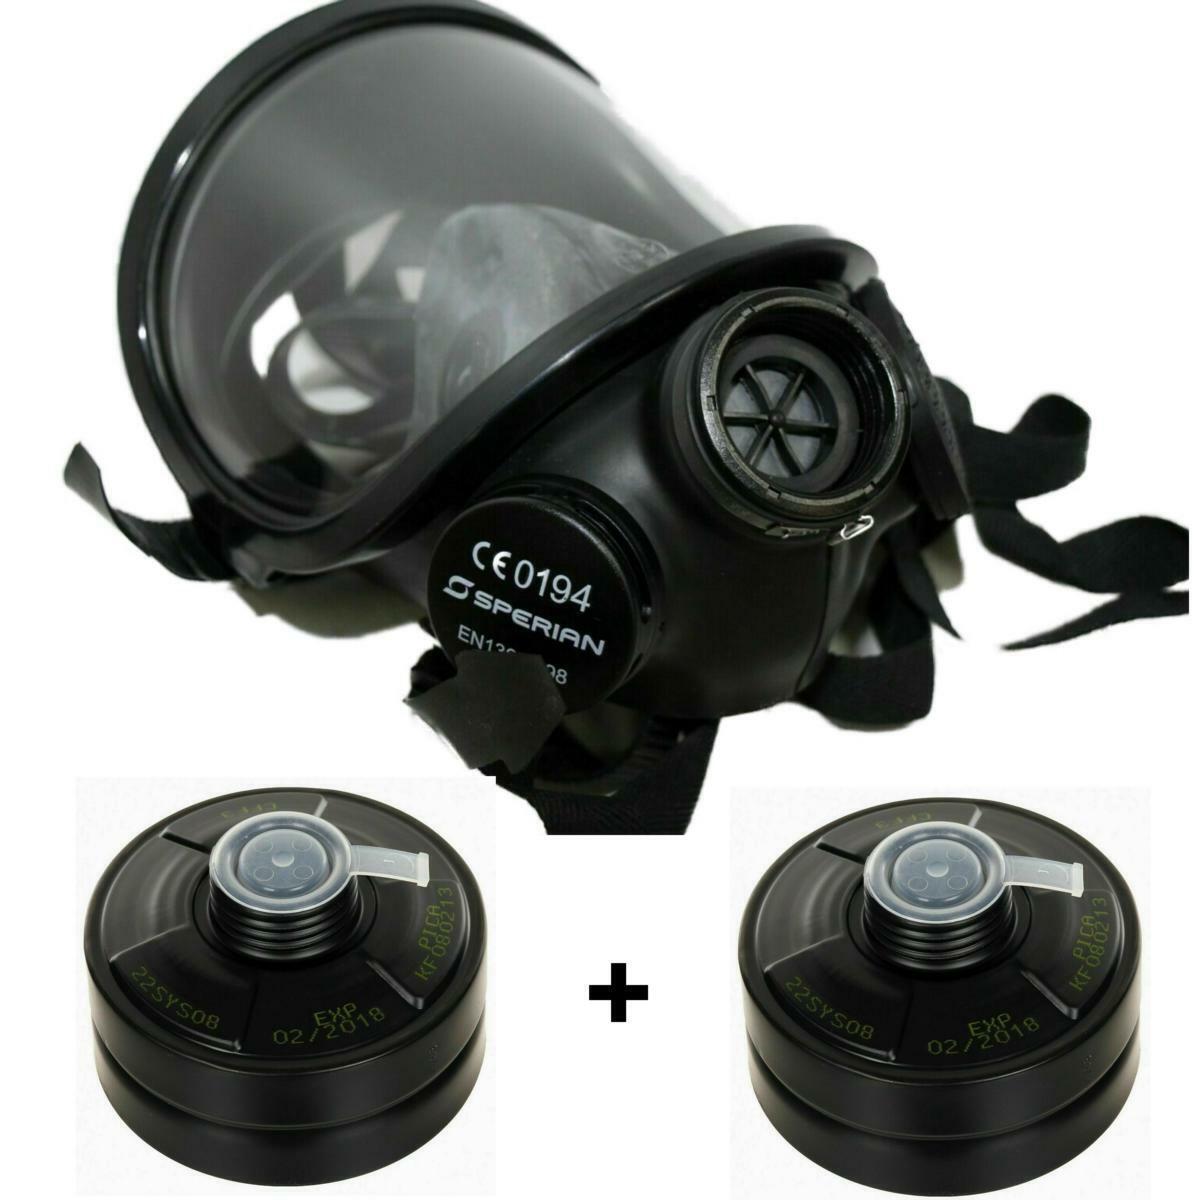 Schutzmaske Fernez Vollgesichtsmaske RD40 2 x Filter Atemschutz Gasmaske Militär